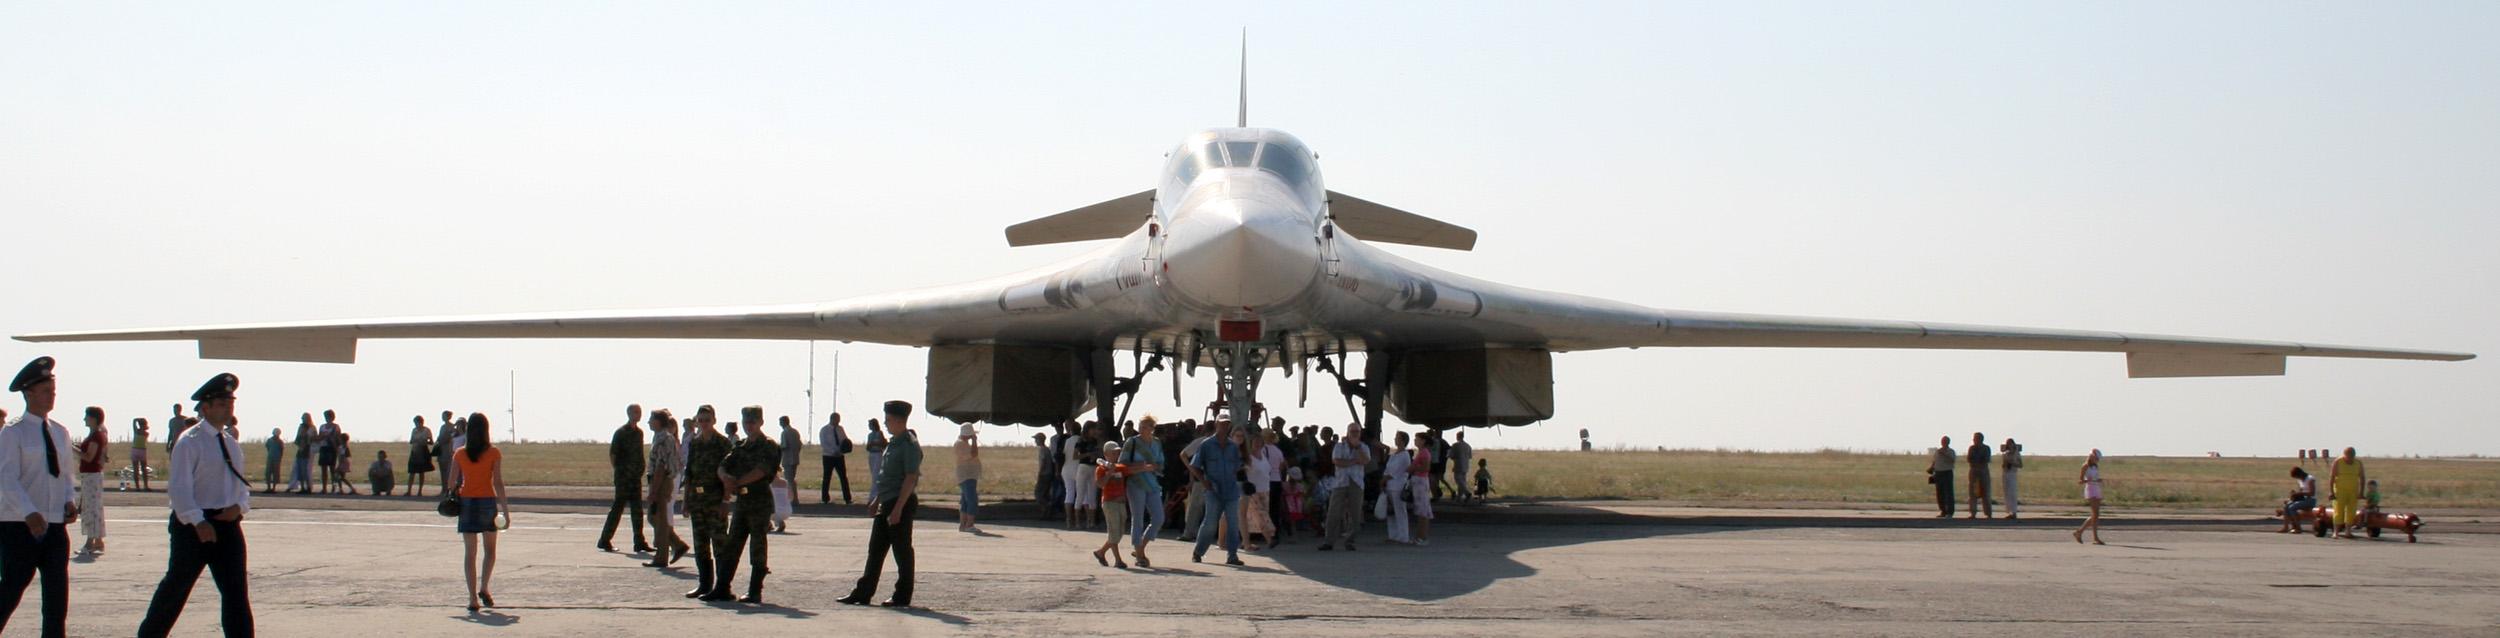 Tu 160 (航空機)の画像 p1_14